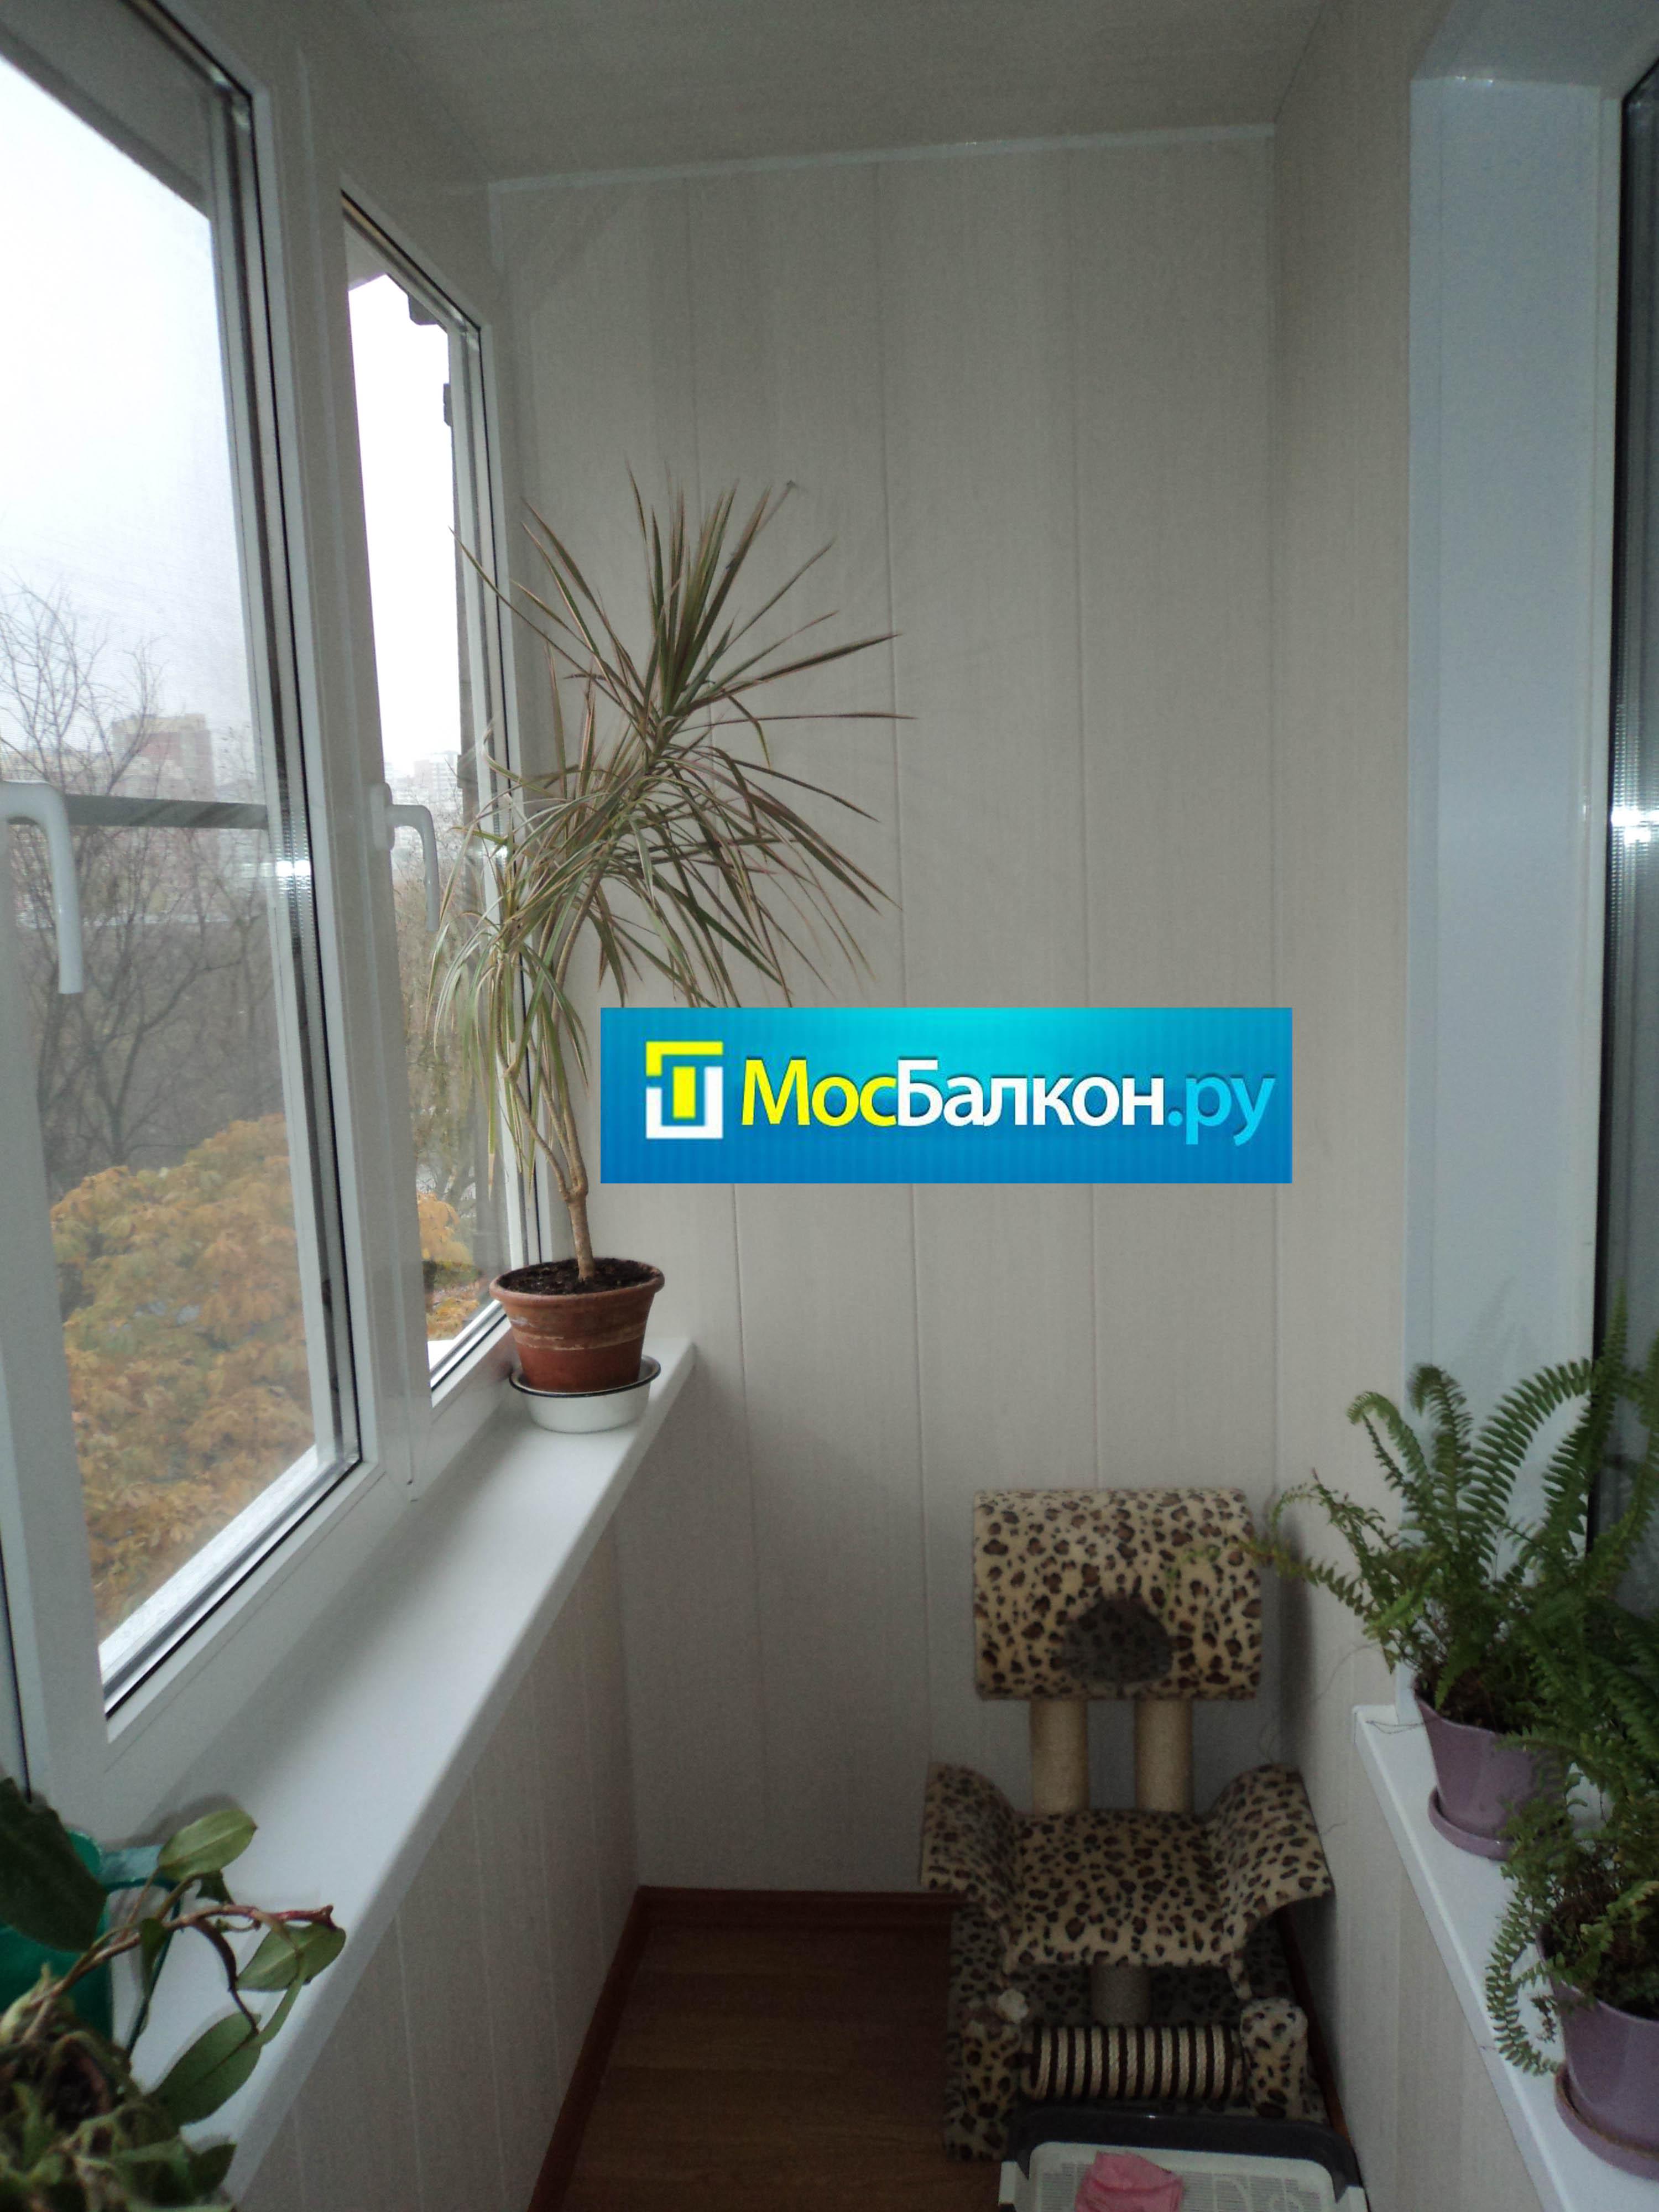 Остекление балконов, отделка и утепление лоджий в мытищах мо.